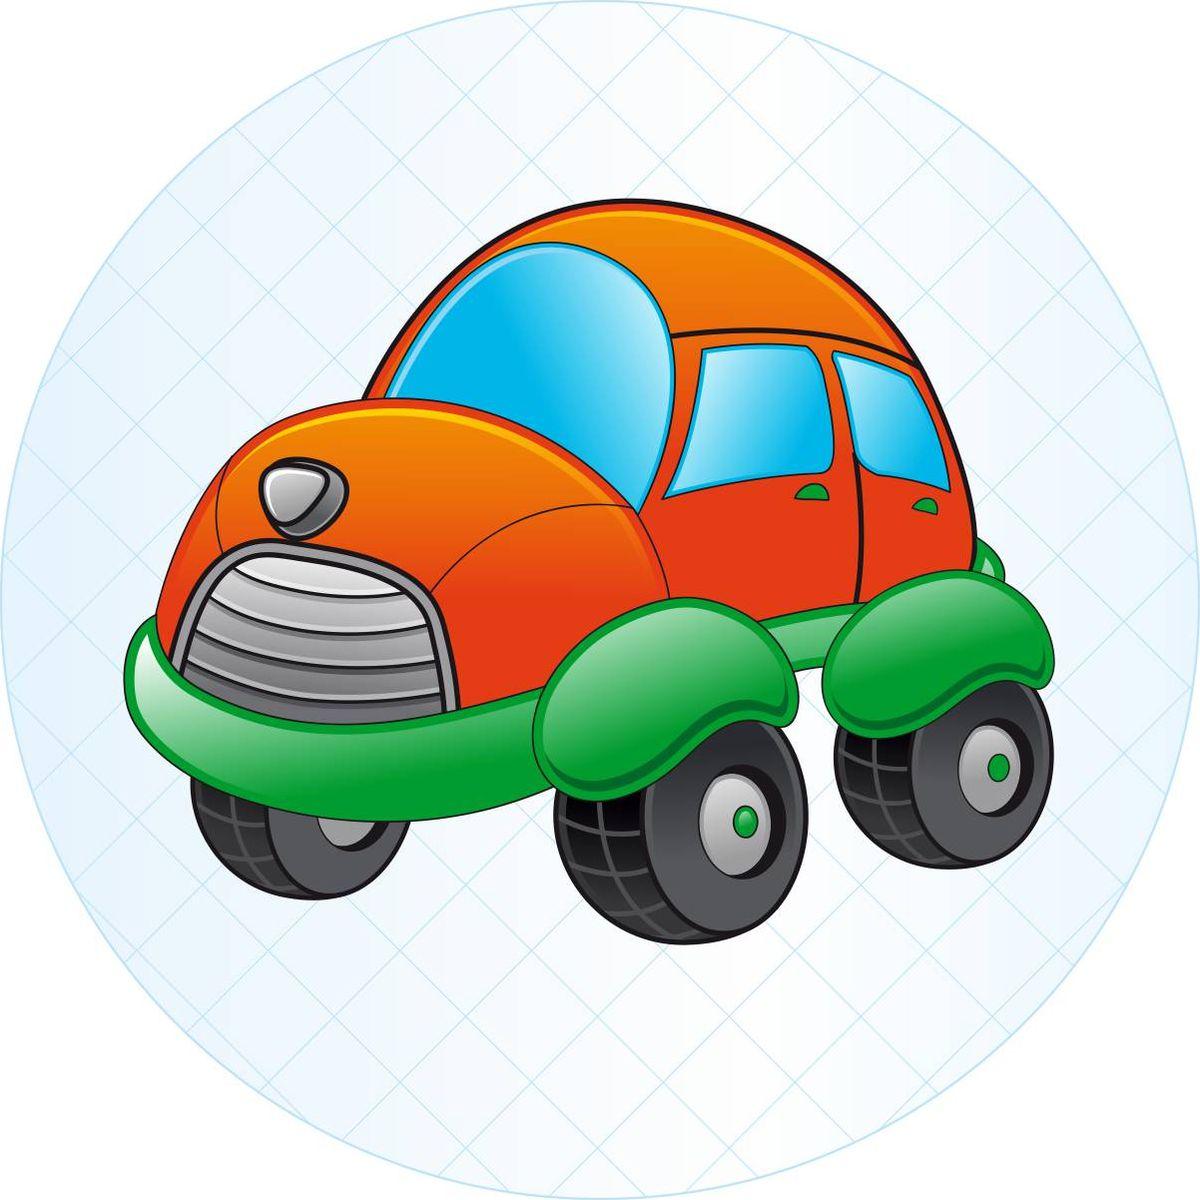 Светоотражатель пешеходный Фолиант Машина, цвет: белыйСВН-1/3Светоотражатель-наклейка Машина в виде круга диаметром 62 мм. Светоотражатели изготовлены из светоотражающей пленки призматического типа. Пленка соответствует ГОСТ Р 52290-2004, обладает высокой светоотражающей способностью. Ношение светоотражателей снижает риск наезда на пешехода в темное время суток в 6-8 раз. (С 1 июля 2015 года вступило в силу изменение в Правилах дорожного движения, в соответствии с которым при переходе дороги и движении по обочинам или краю проезжей части в темное время суток или в условиях недостаточной видимости пешеходам рекомендуется, а вне населенных пунктов пешеходы обязаны обеспечить свою видимость для водителей транспортных средств светоотражающими элементами.)